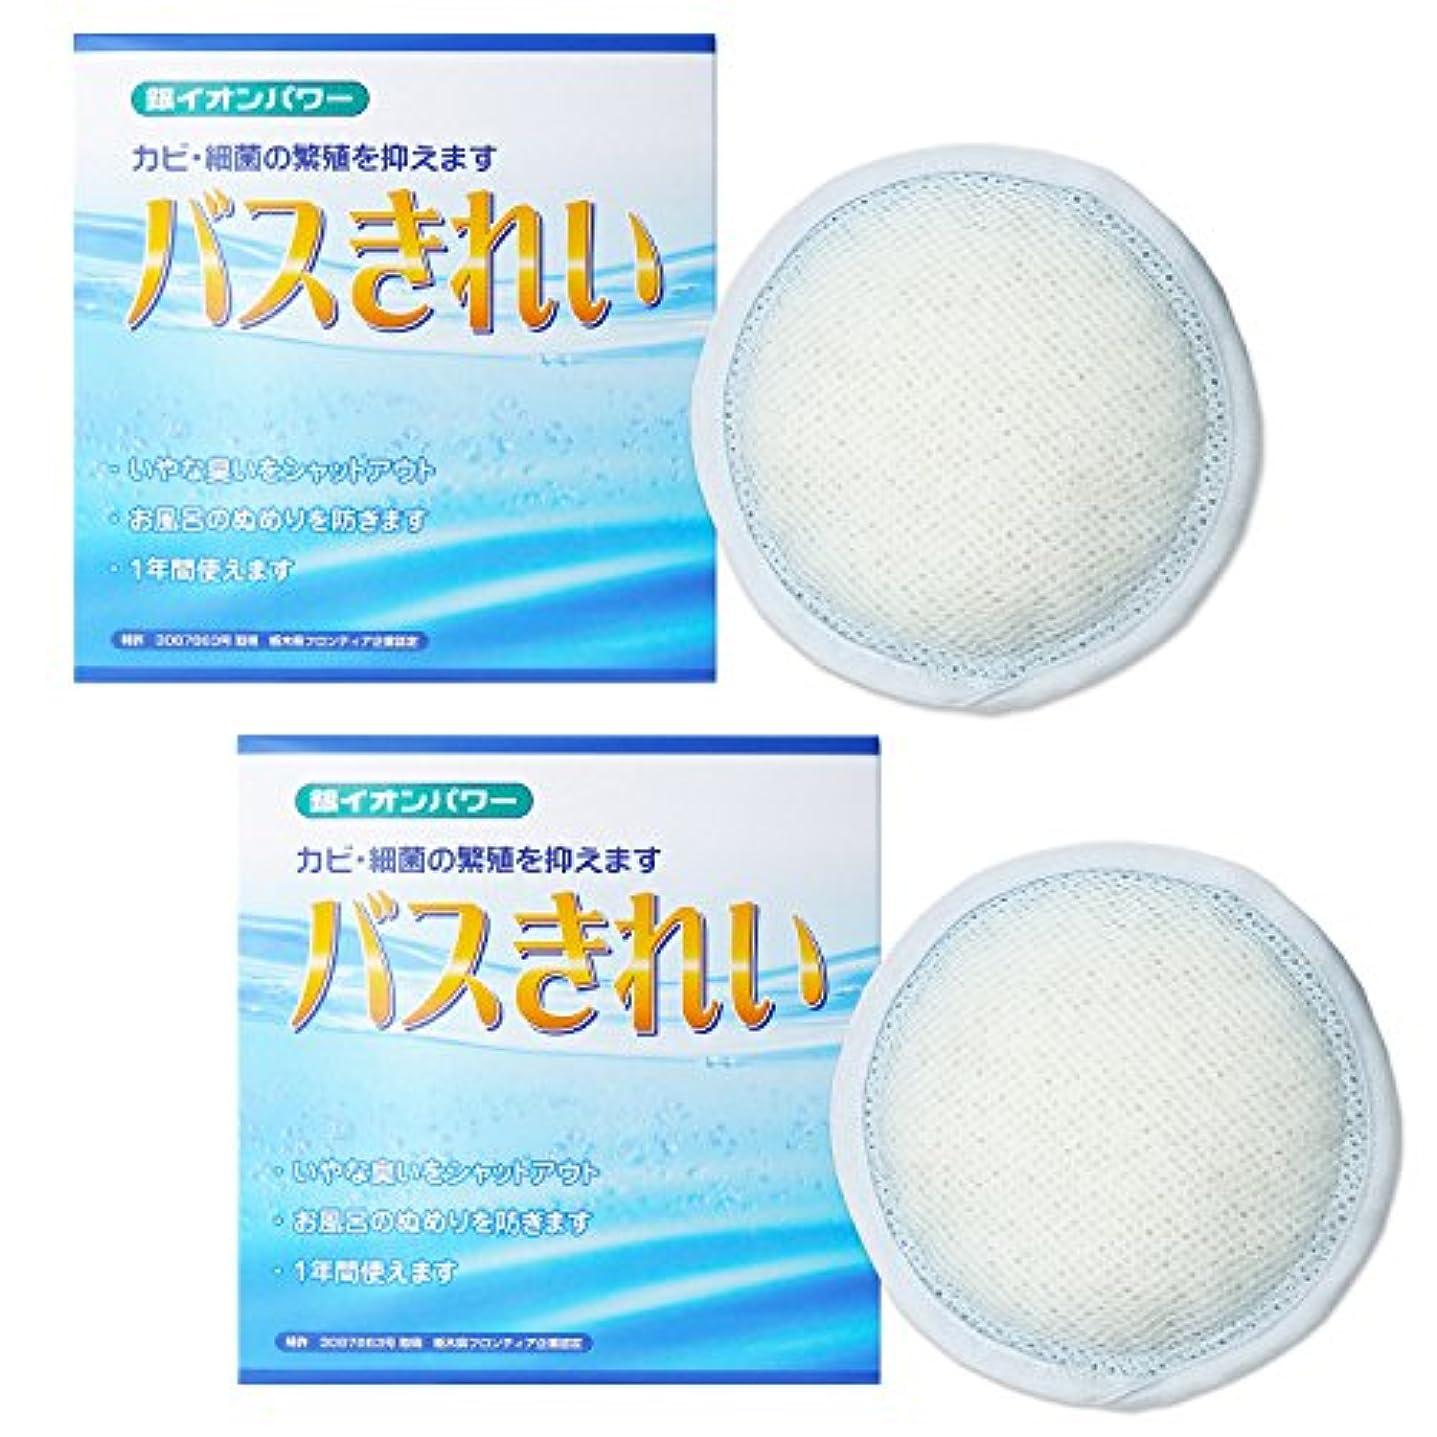 疫病レンダリング振り向くAg+ 銀イオンパワー 【バスきれい 2個セット】 お風呂用銀イオン ポンと入れるだけ1年使えるエコ製品